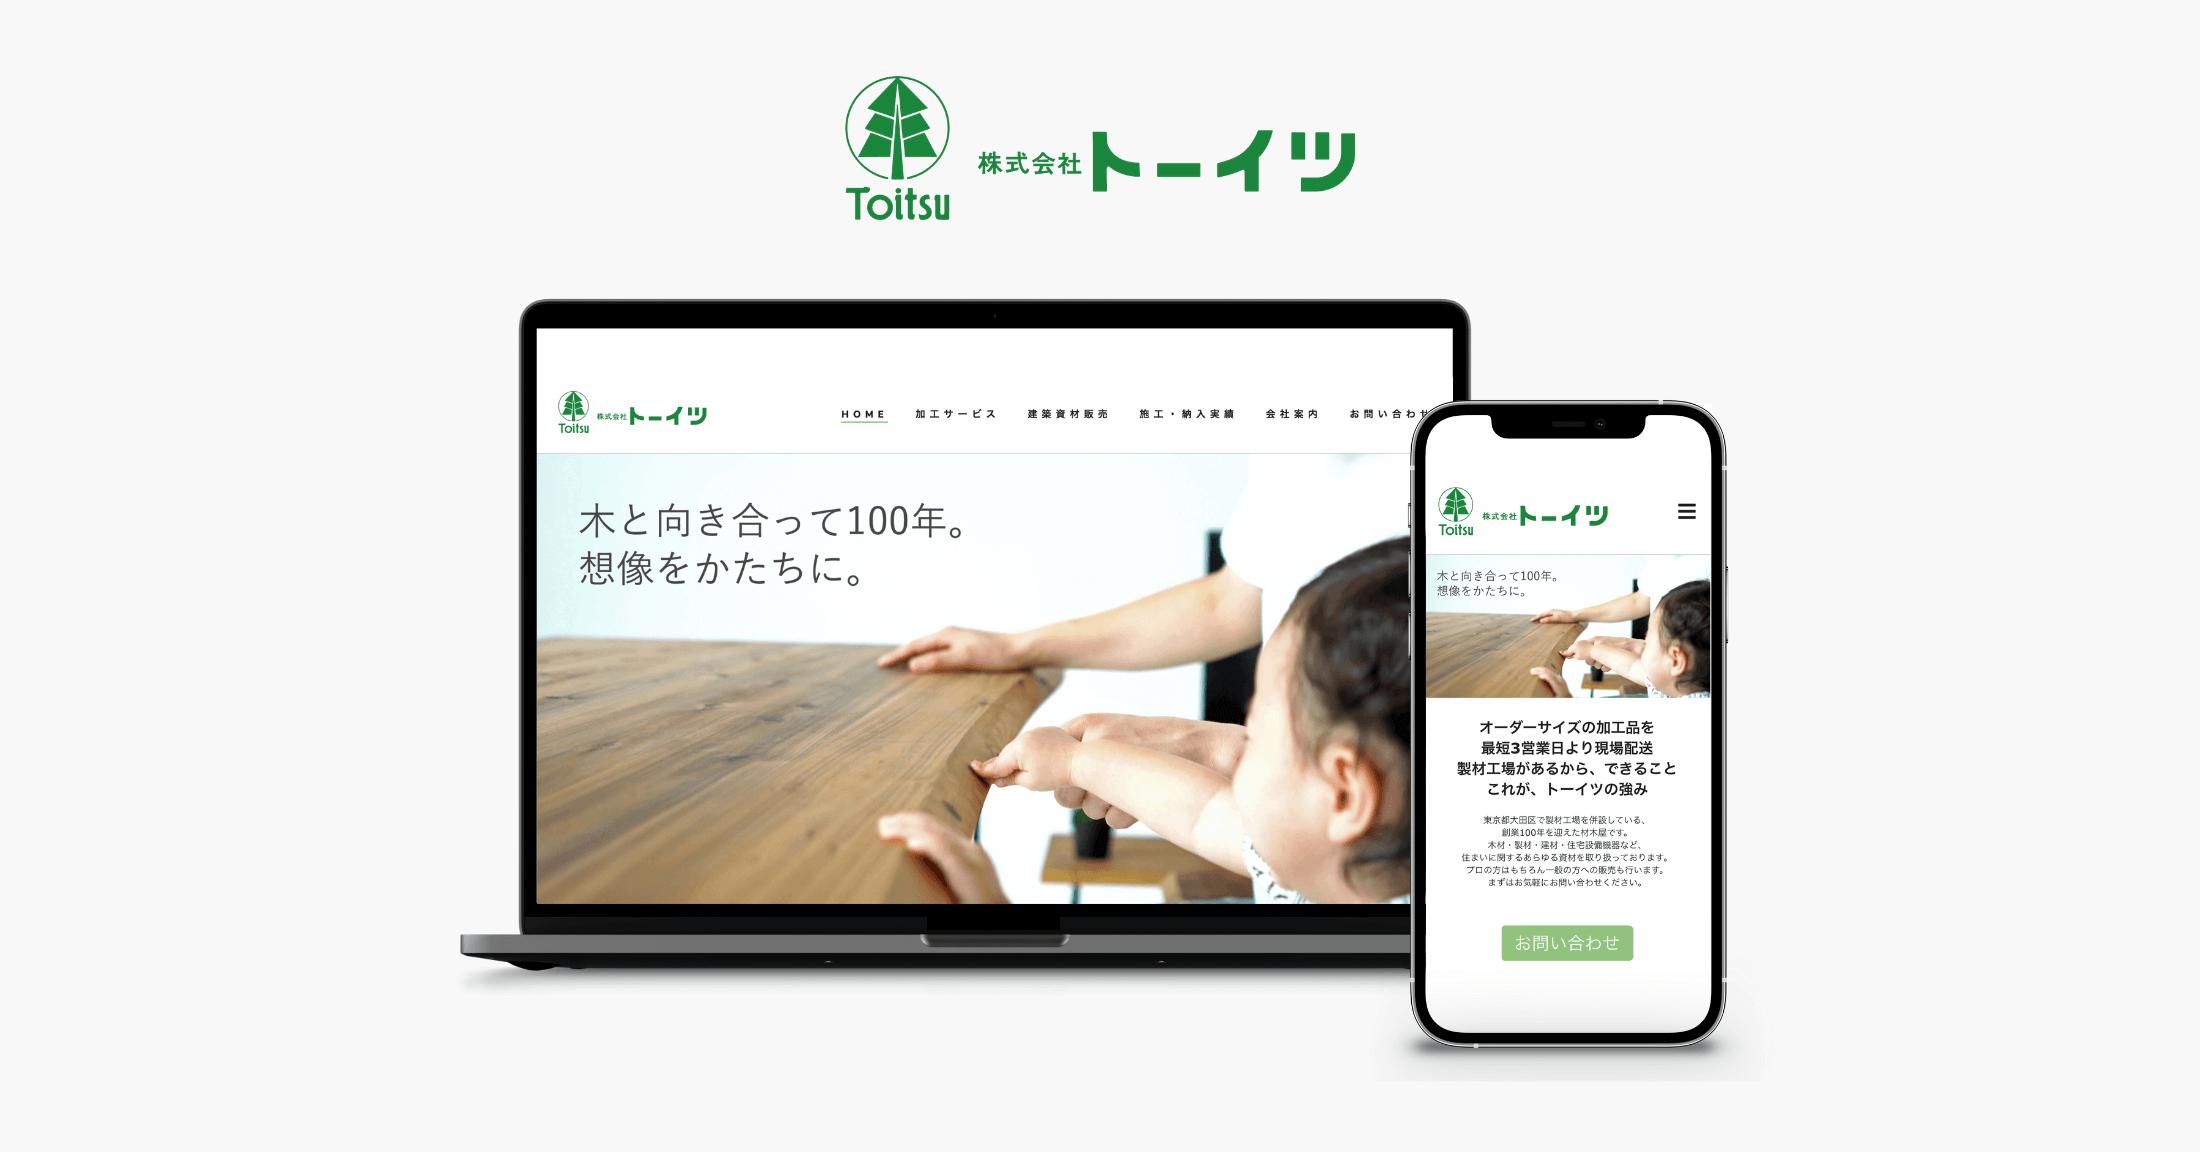 株式会社トーイツ様 サイト (1)